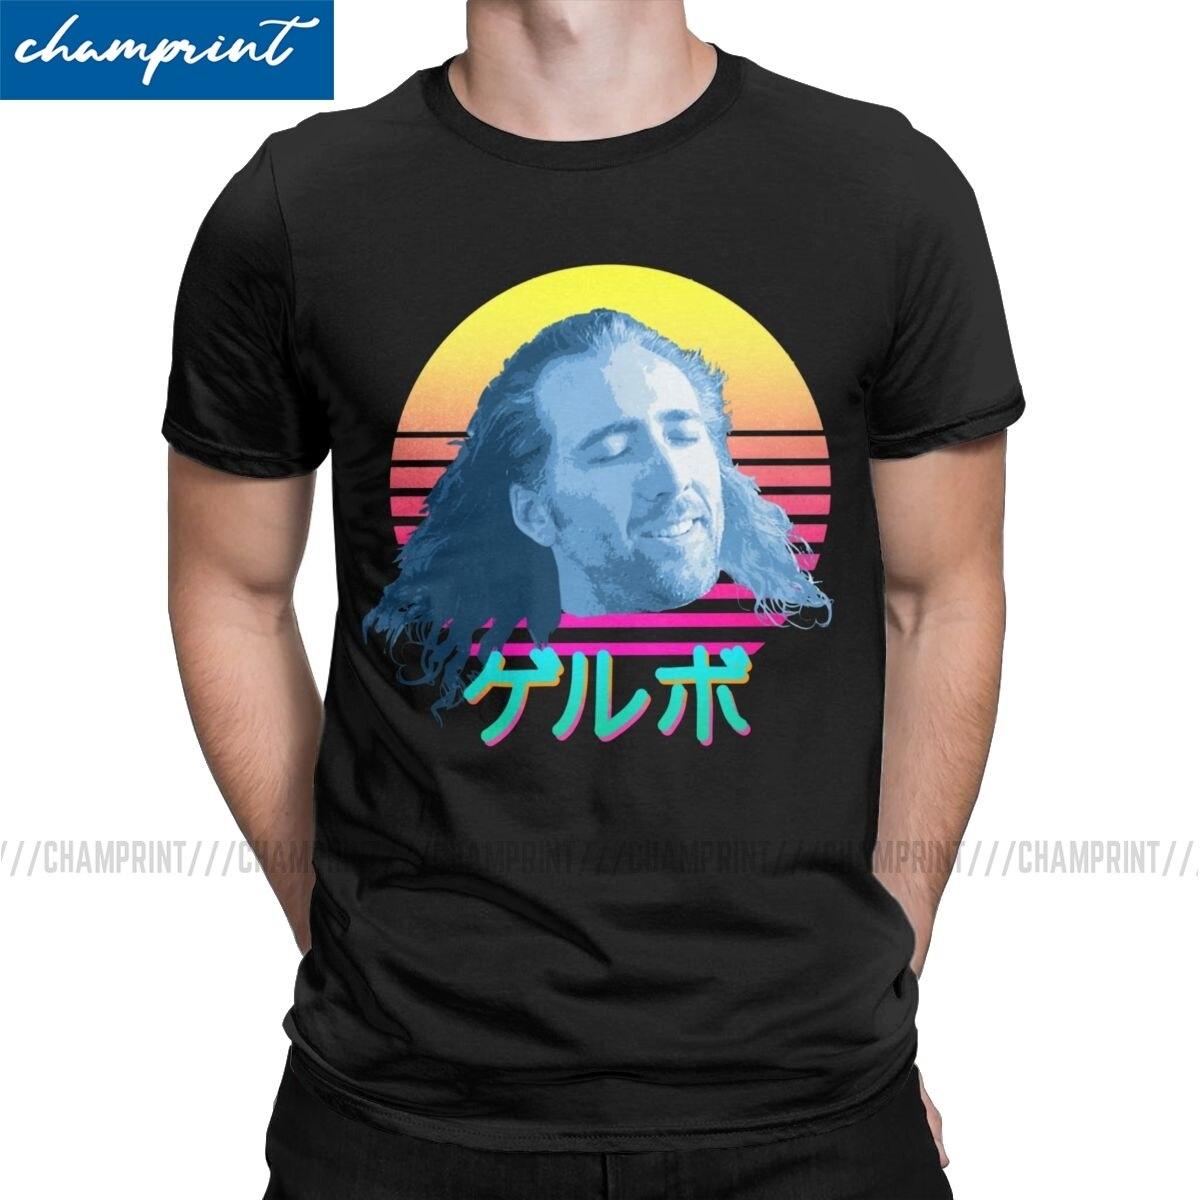 Nicolas Cage Футболка мужская забавная Meme винтажные хлопковые футболки с вырезом лодочкой футболки с коротким рукавом размера плюс одежда